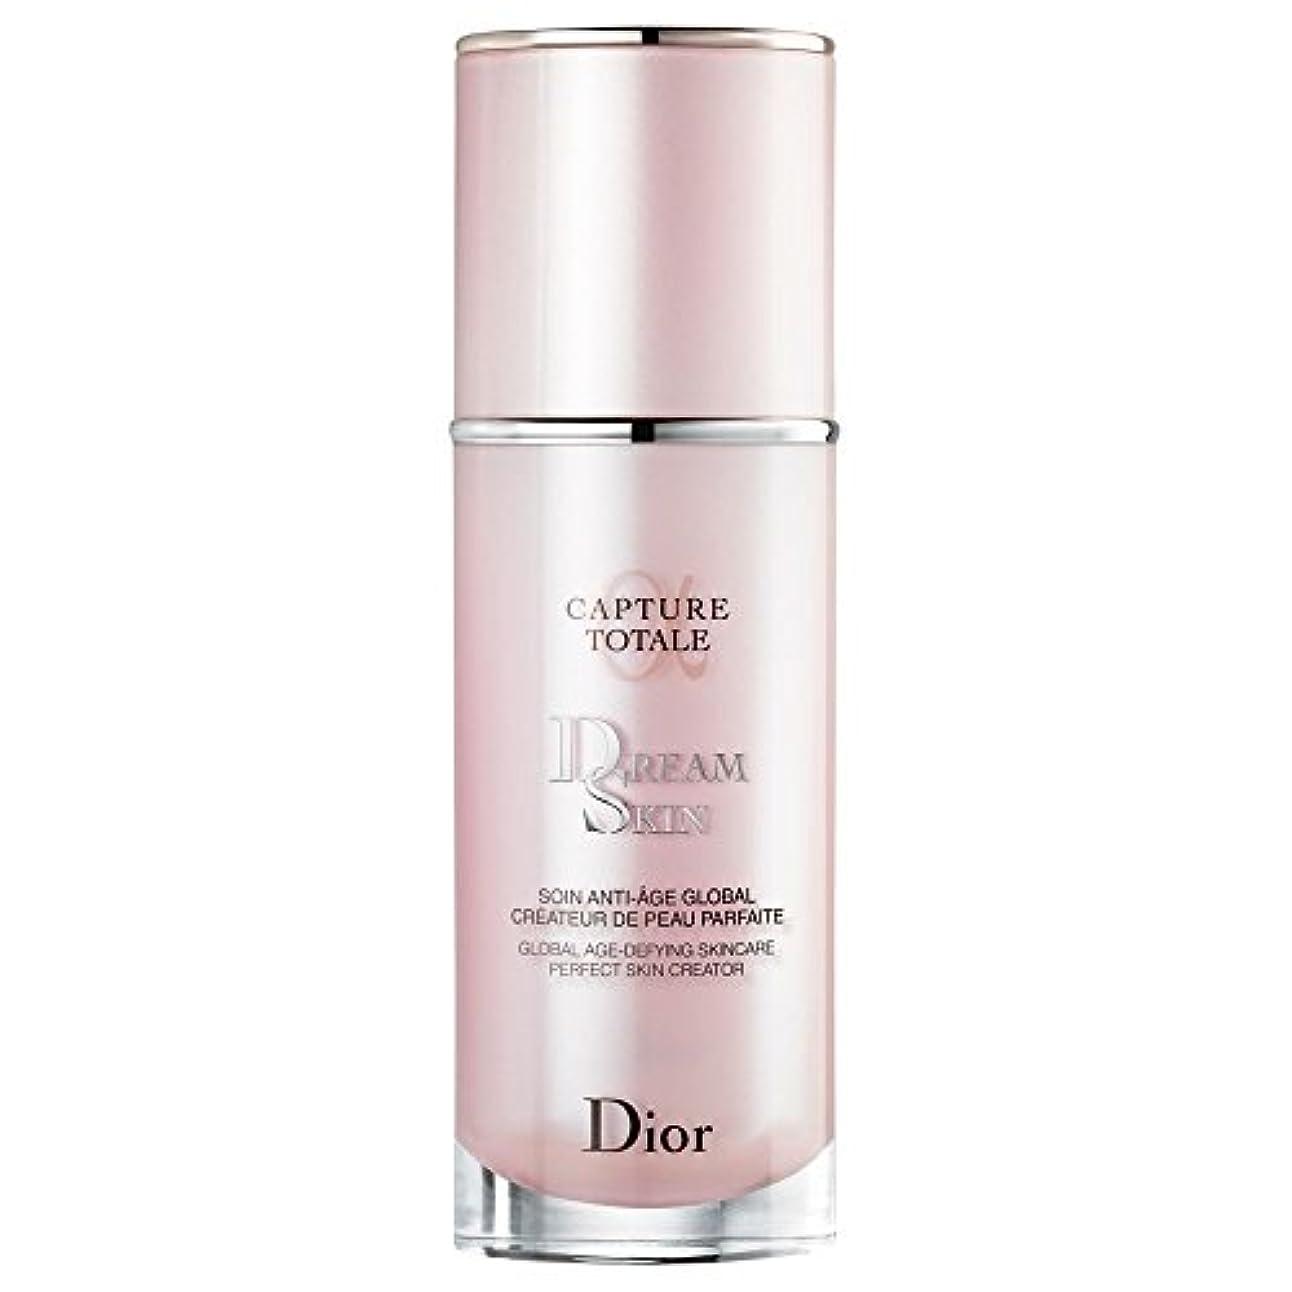 塩辛い有益神聖[Dior] ディオールキャプチャカプチュールトータルDreamskin血清50ミリリットル - Dior Capture Totale Dreamskin Serum 50ml [並行輸入品]